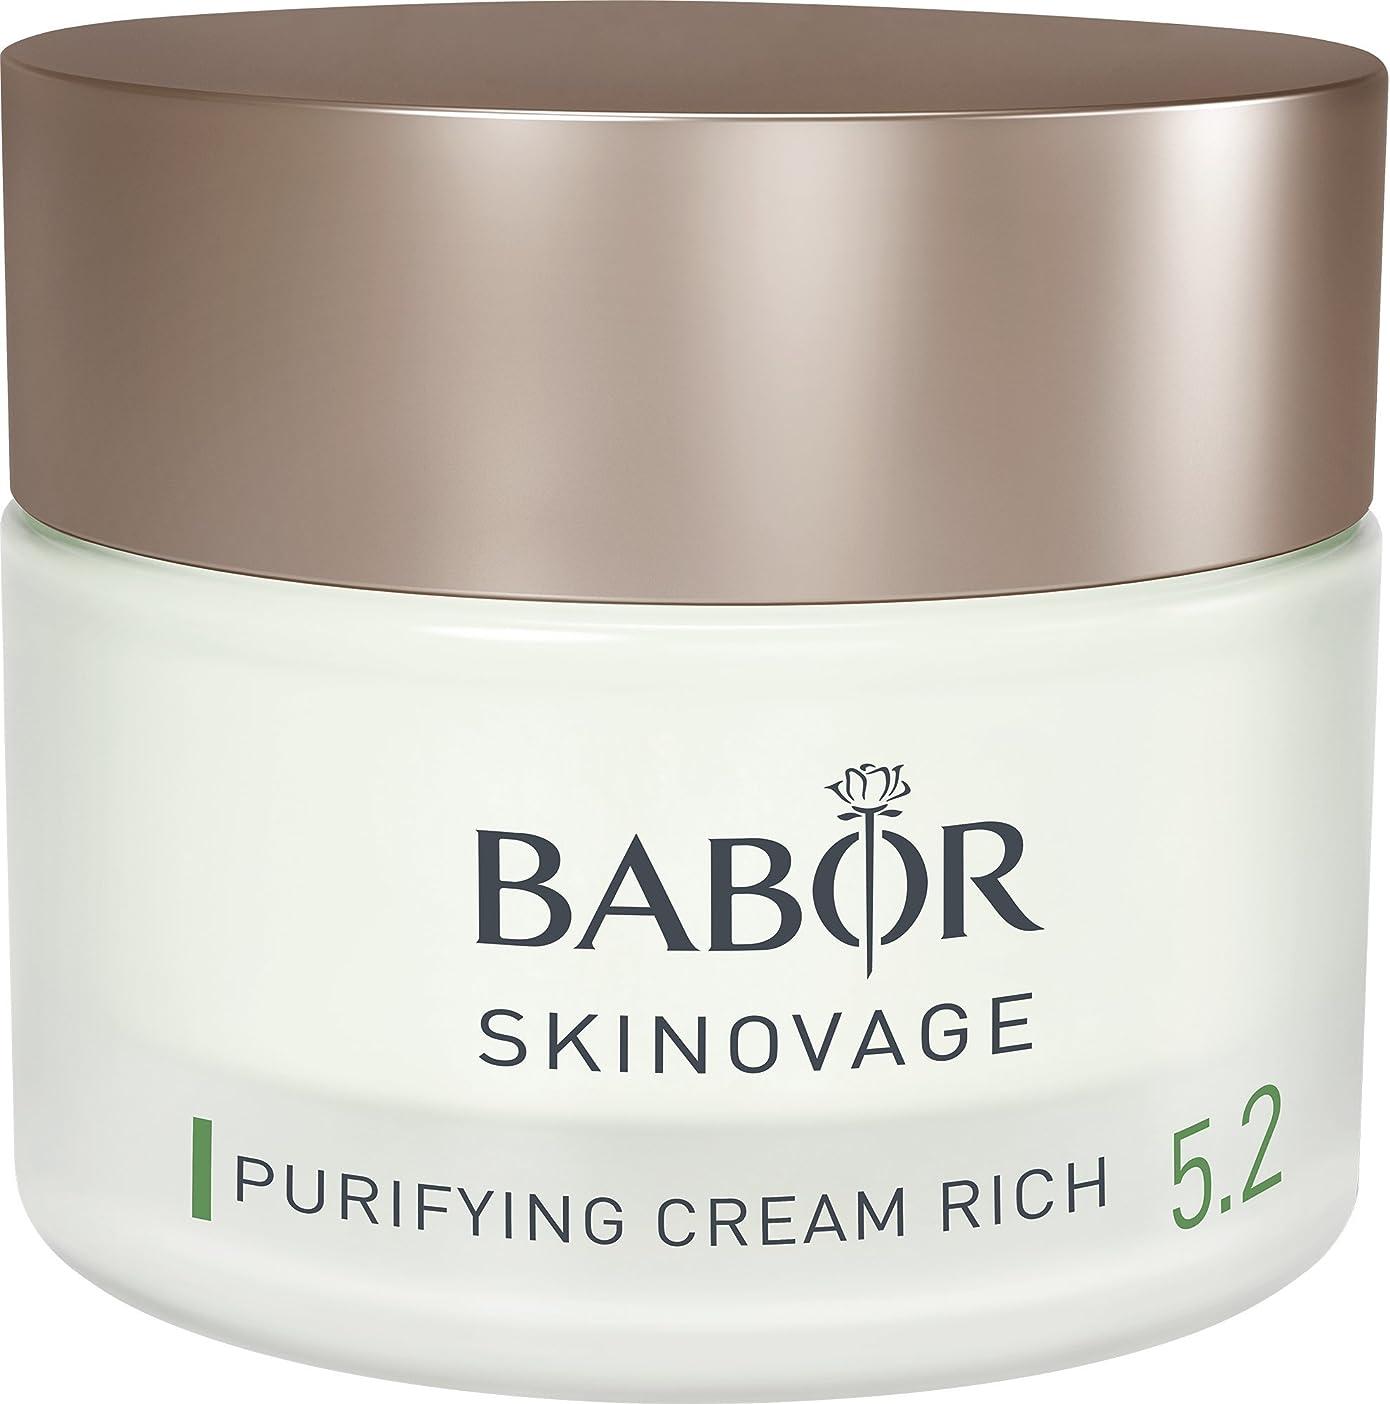 アラートサーカス忘れられないバボール Skinovage [Age Preventing] Purifying Cream Rich 5.2 - For Problem & Oily Skin 50ml/1.7oz並行輸入品